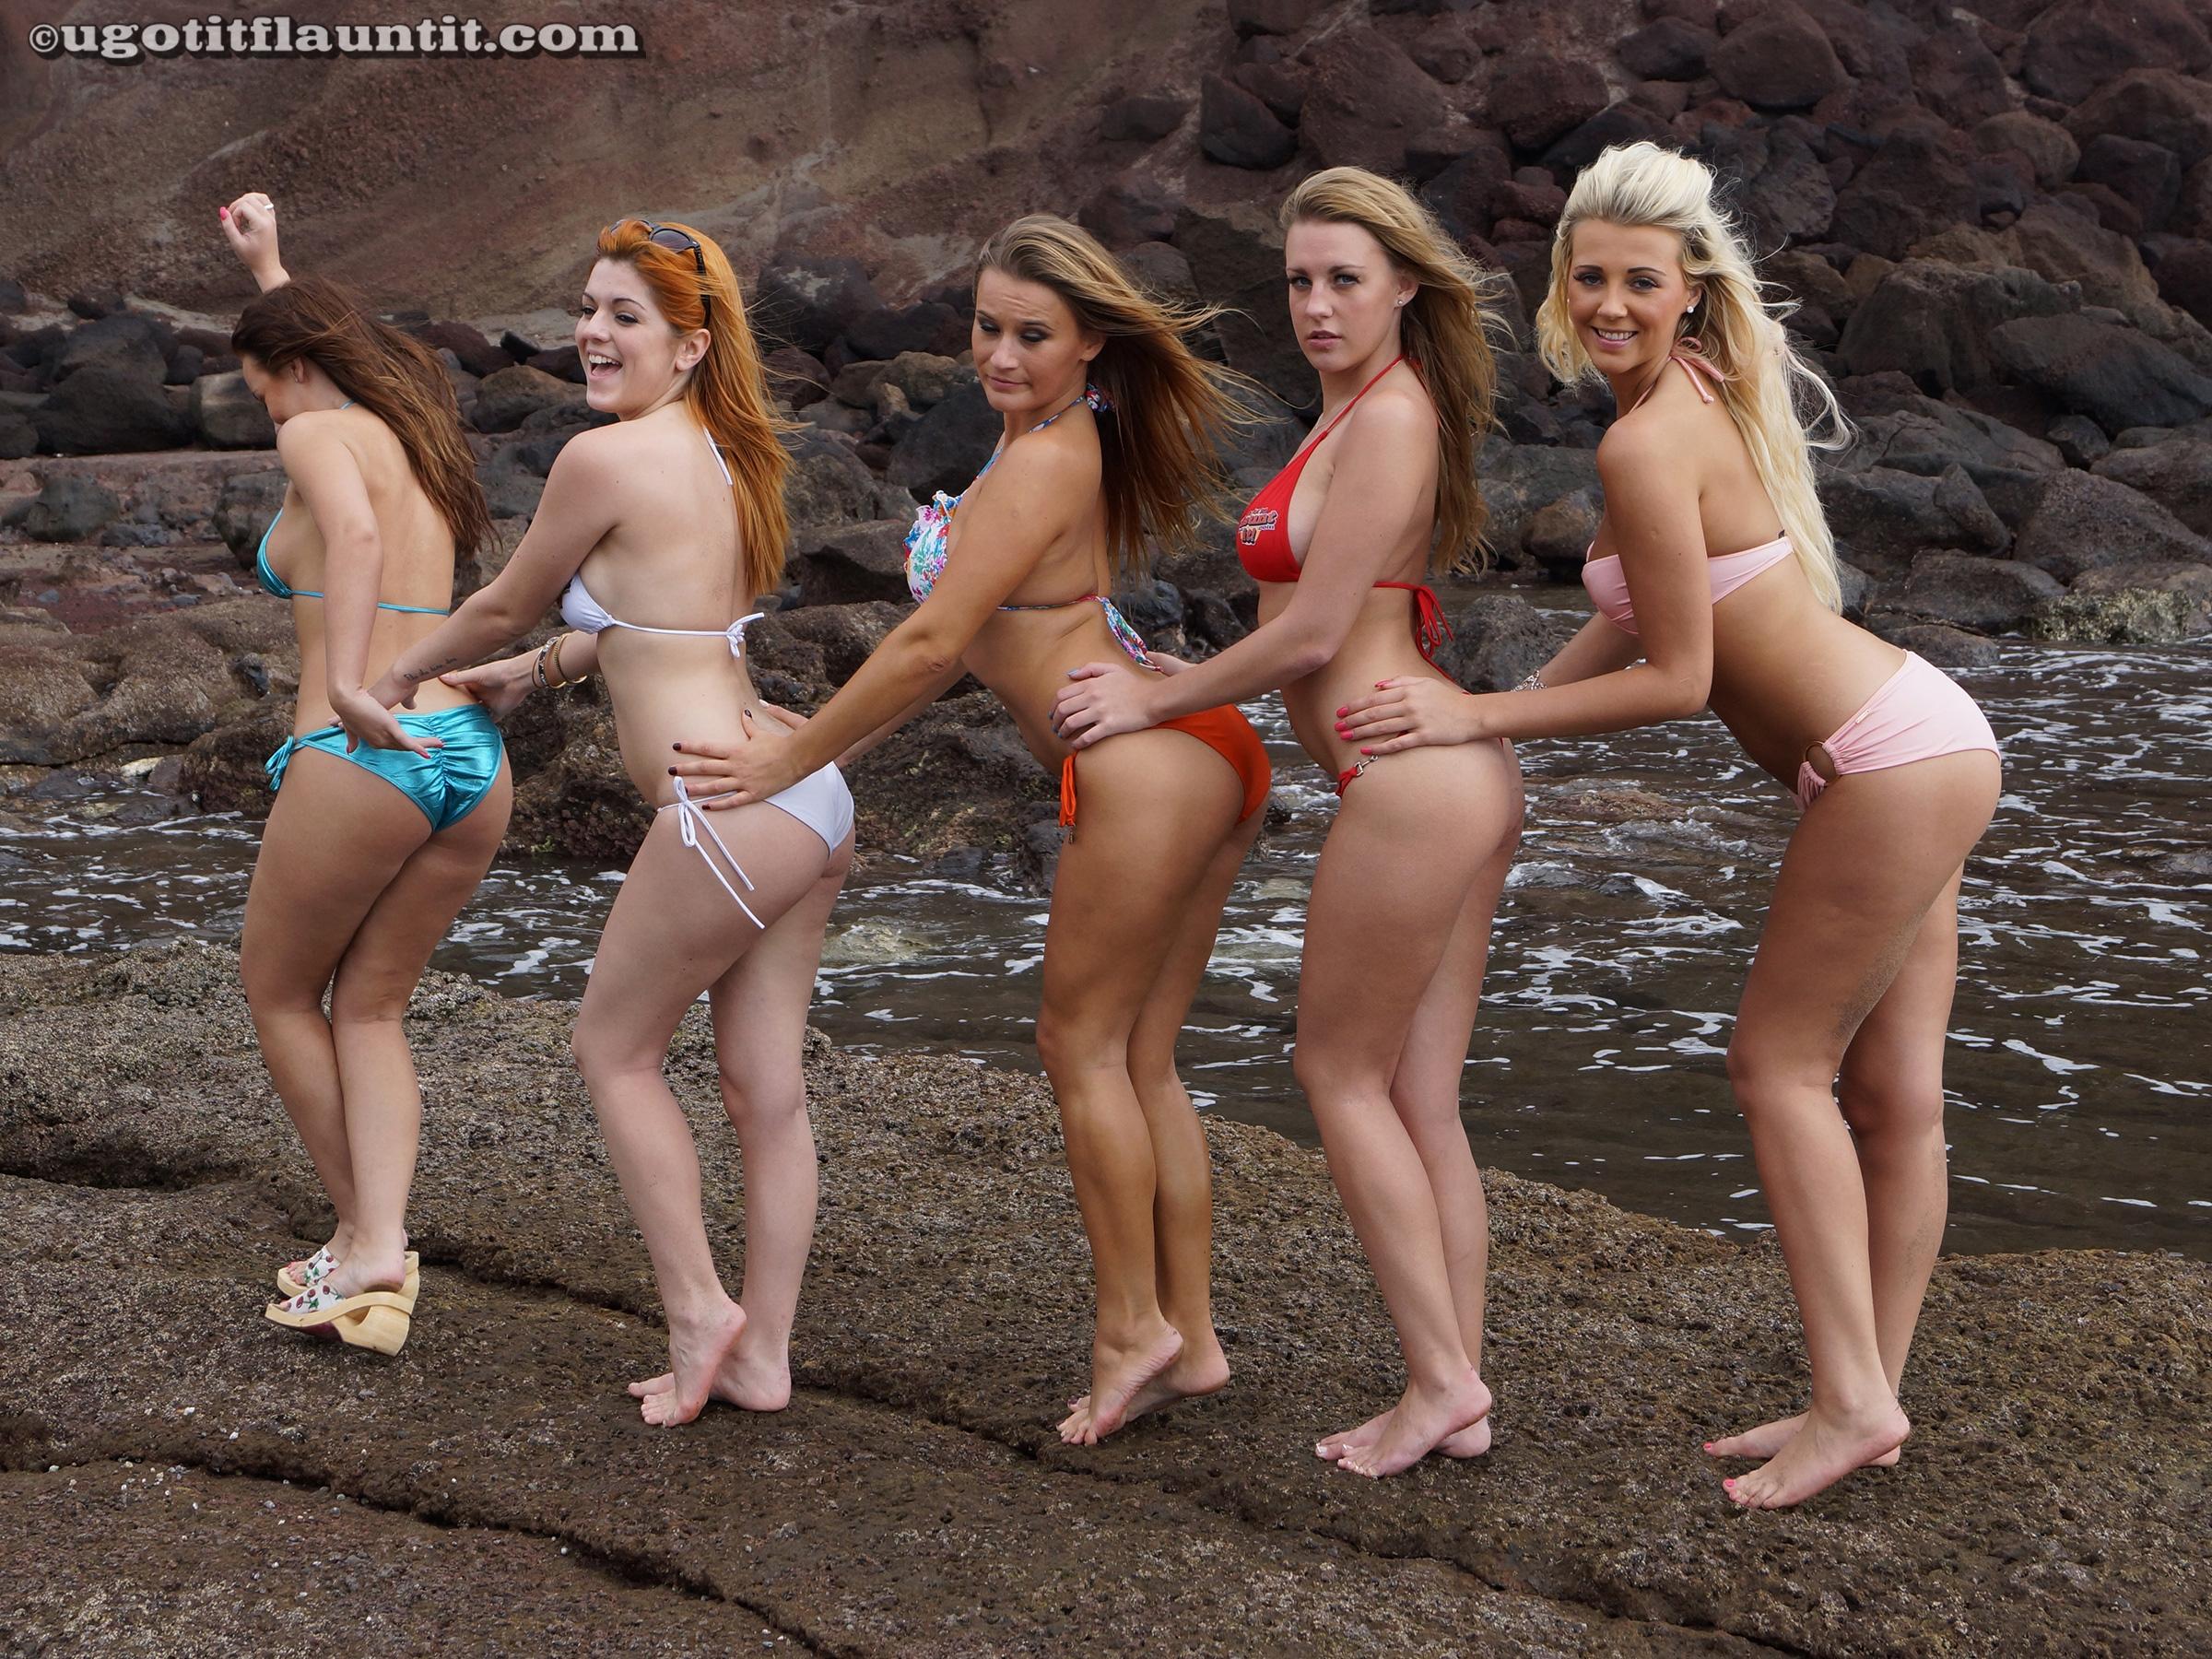 Actor Porno En Tenerife 2017 u got it flaunt it tenerife group shoot we often get